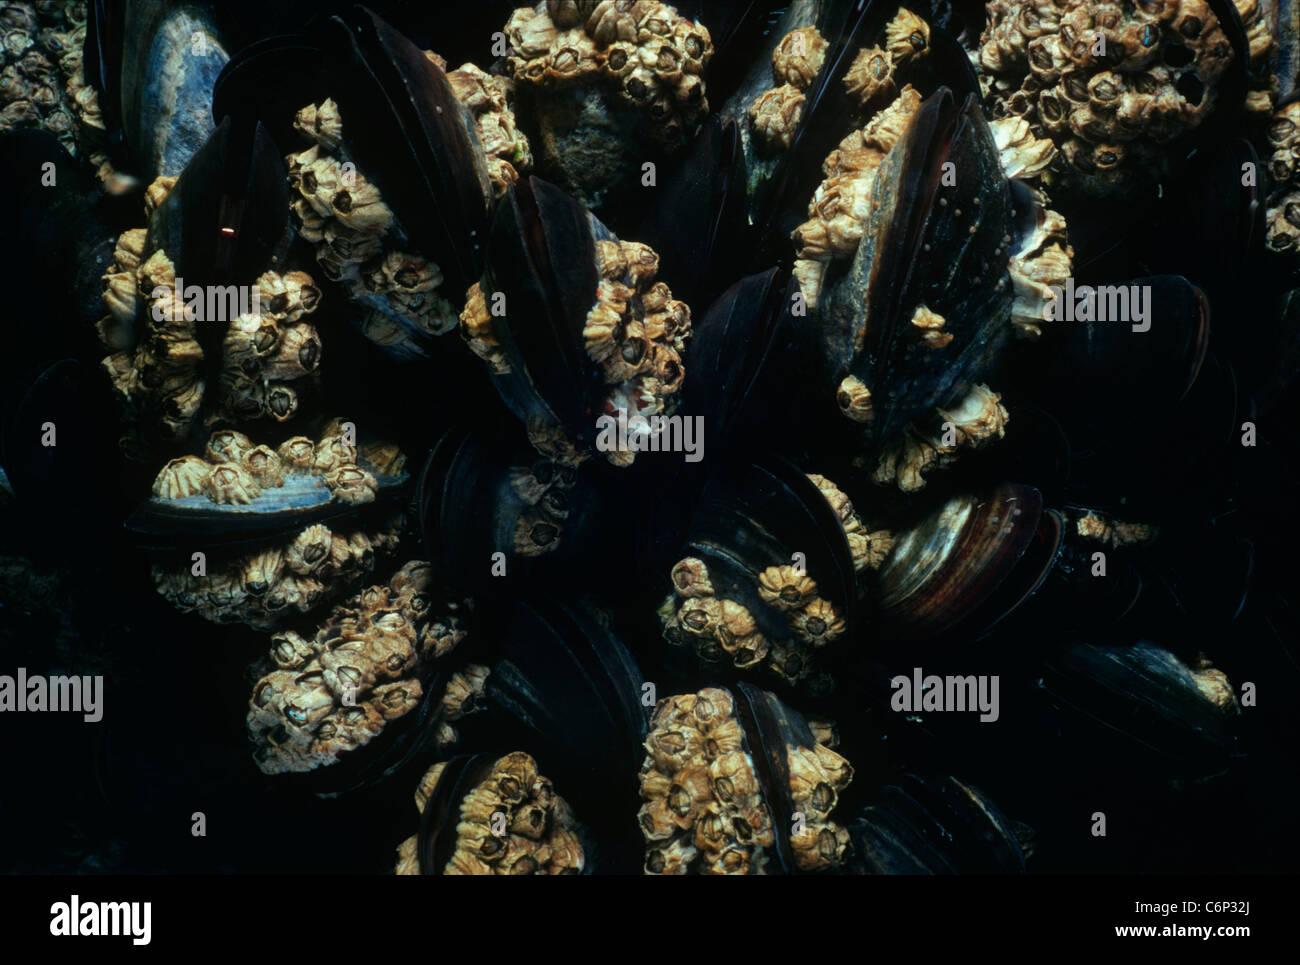 Percebes (Chthamalus stellatus) conectados a mejillones (Mytilus edulis). Las islas Glénan, Bretaña, Francia, el Océano Atlántico. Foto de stock